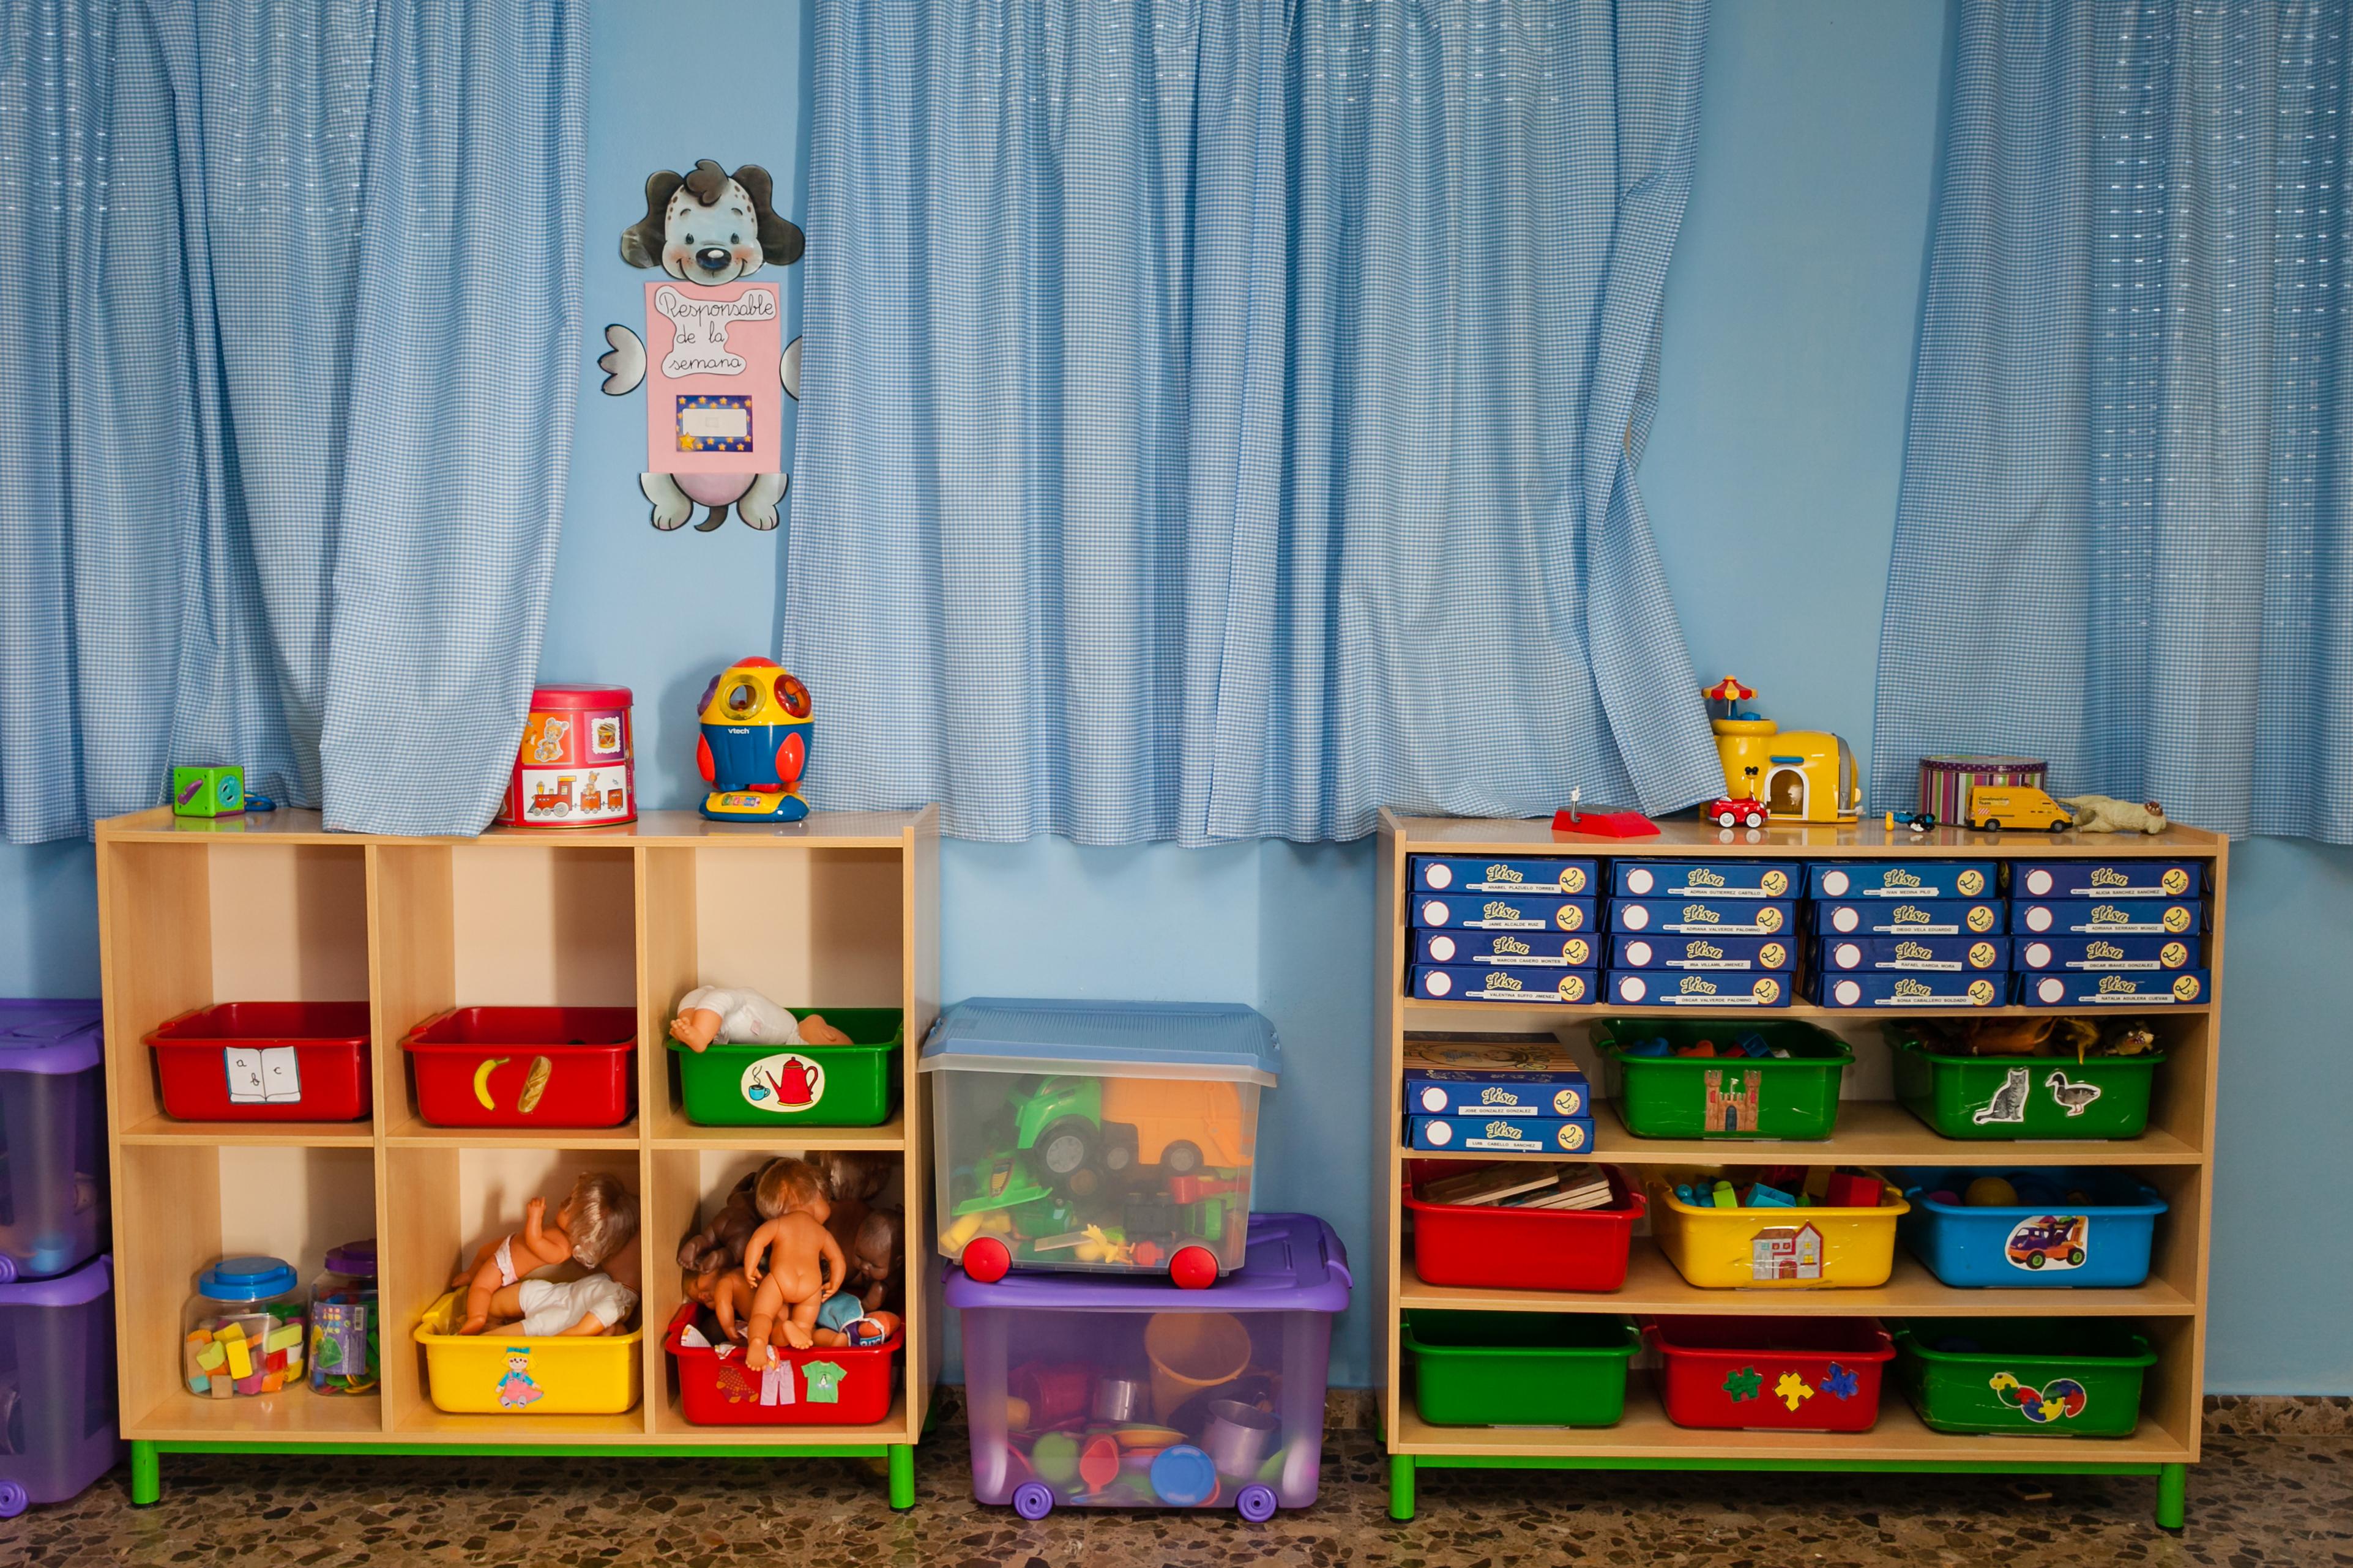 Escuela infantil Cigueña blanca 3